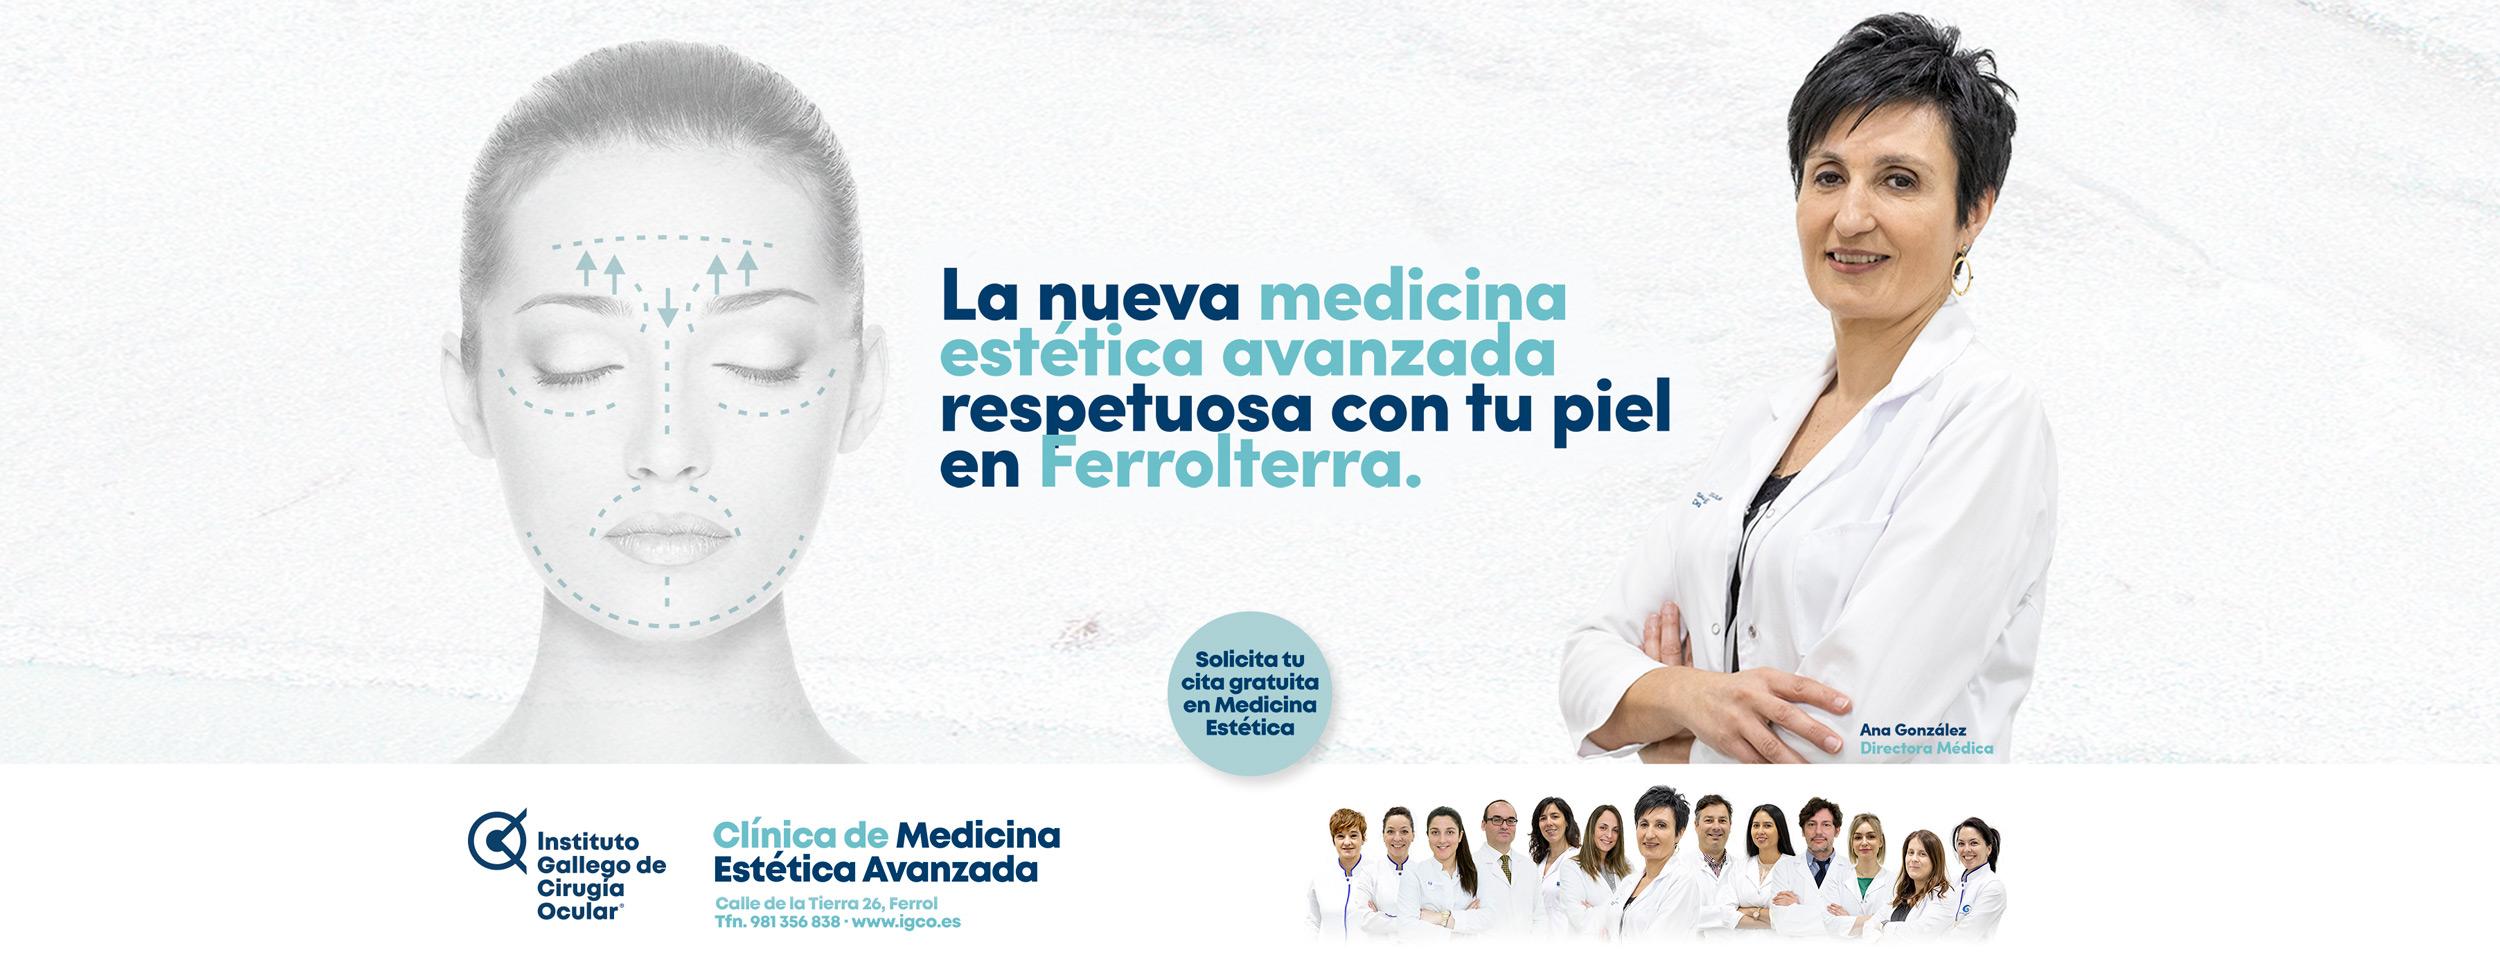 Medicina estética en Ferrol - Instituto Gallego de Cirugía Ocular